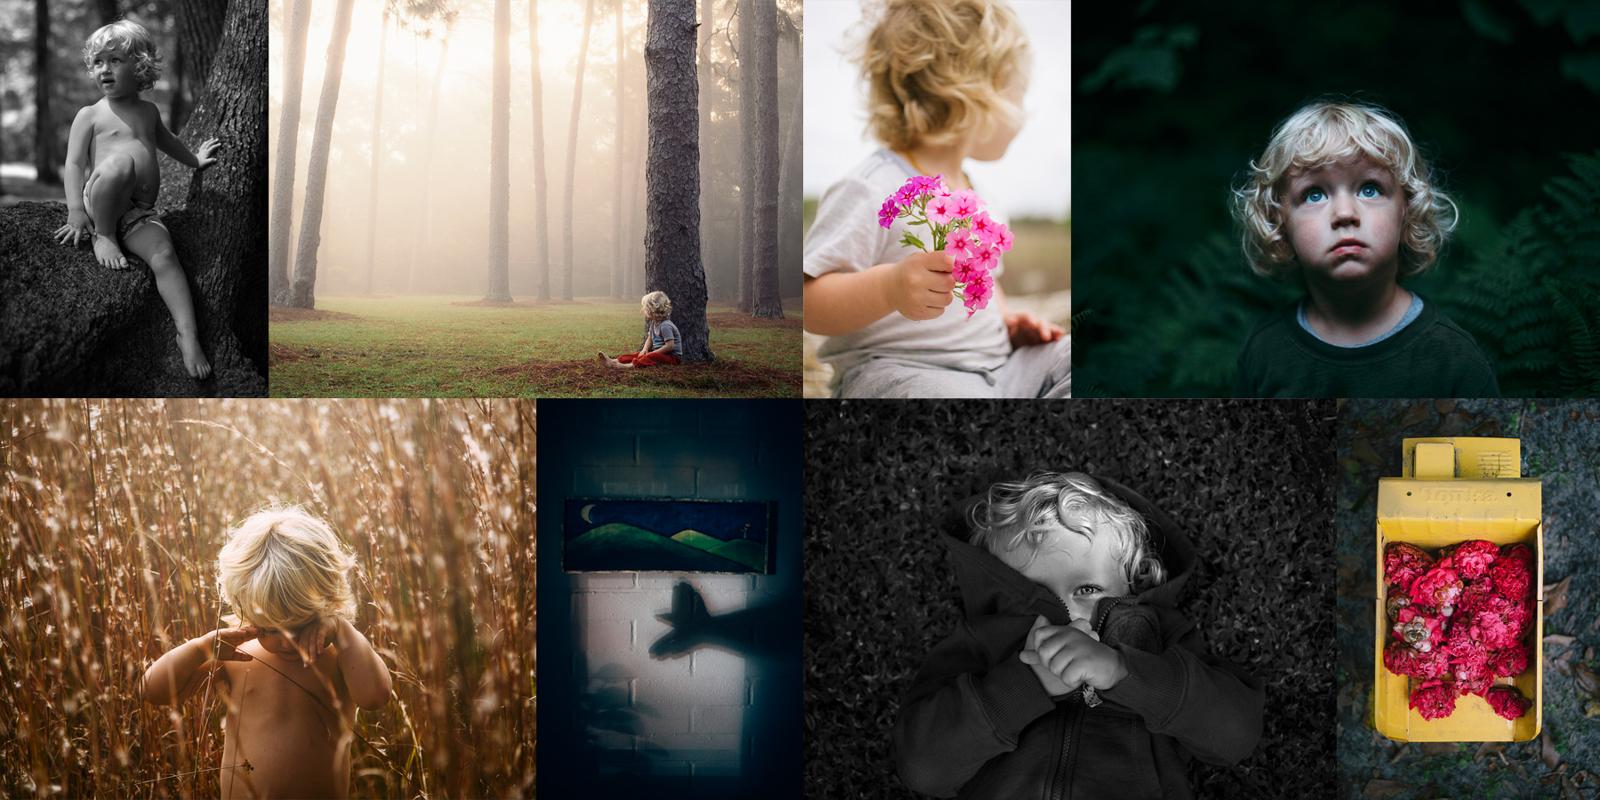 Amanda O'Donoughue Photography